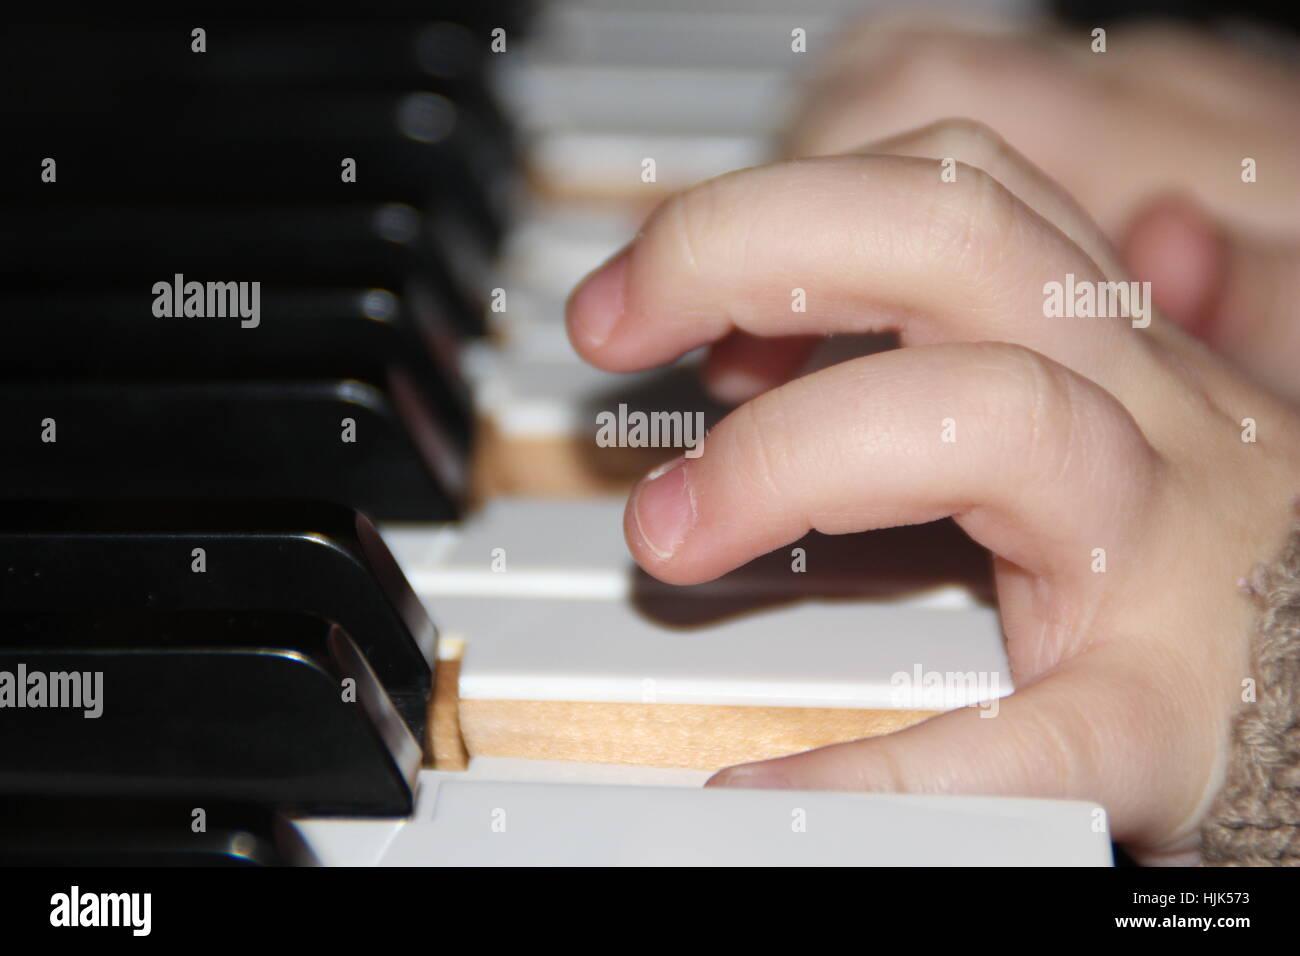 hand, finger, music, grope, piano, hand, finger, concert